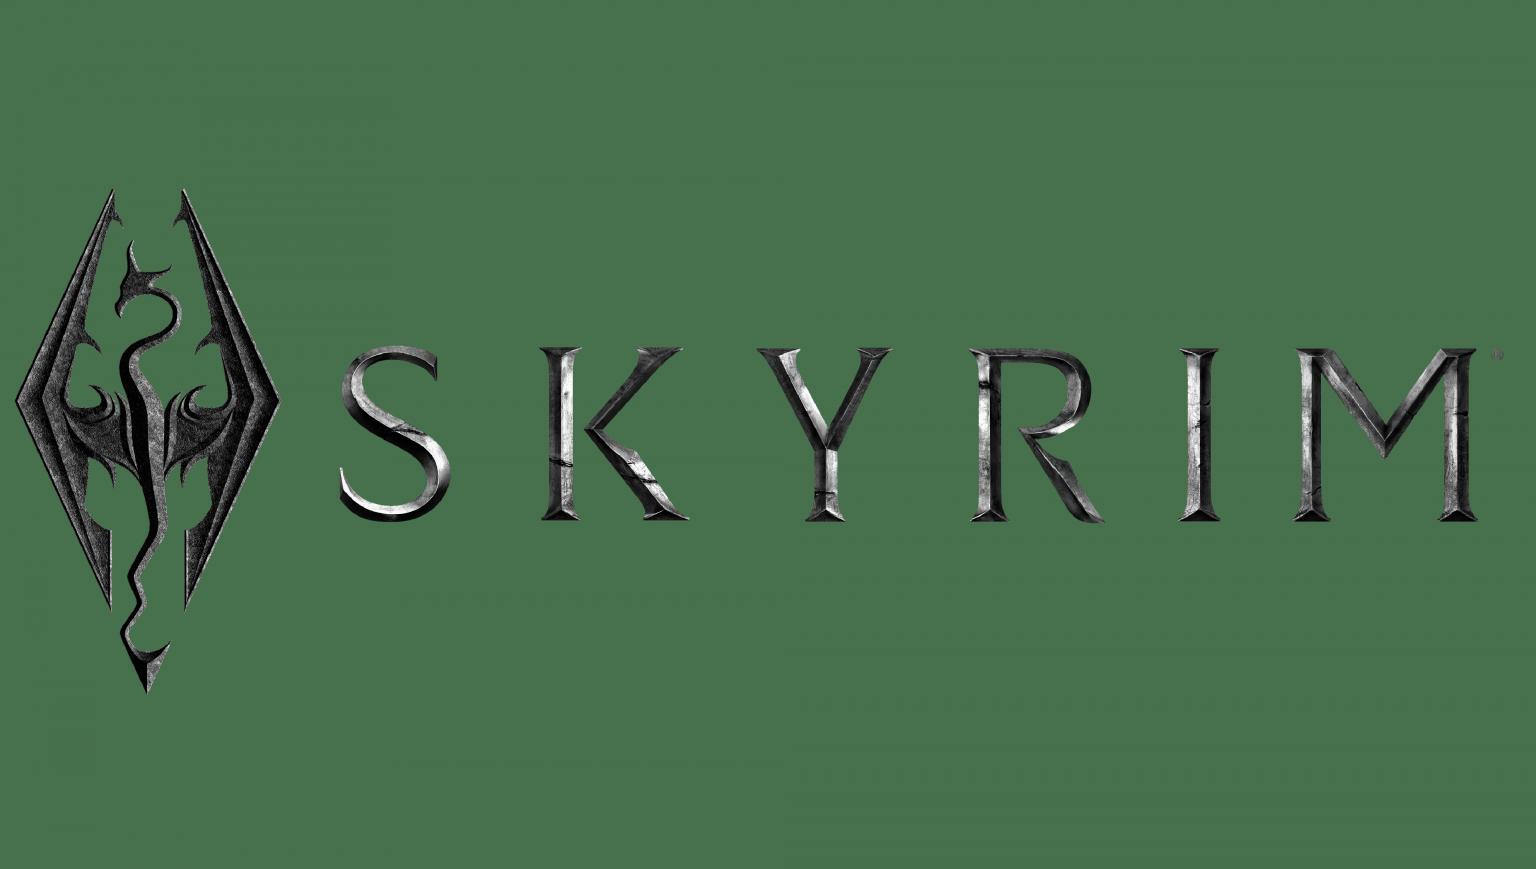 Skyrim Logo - Marques et logos: histoire et signification ...